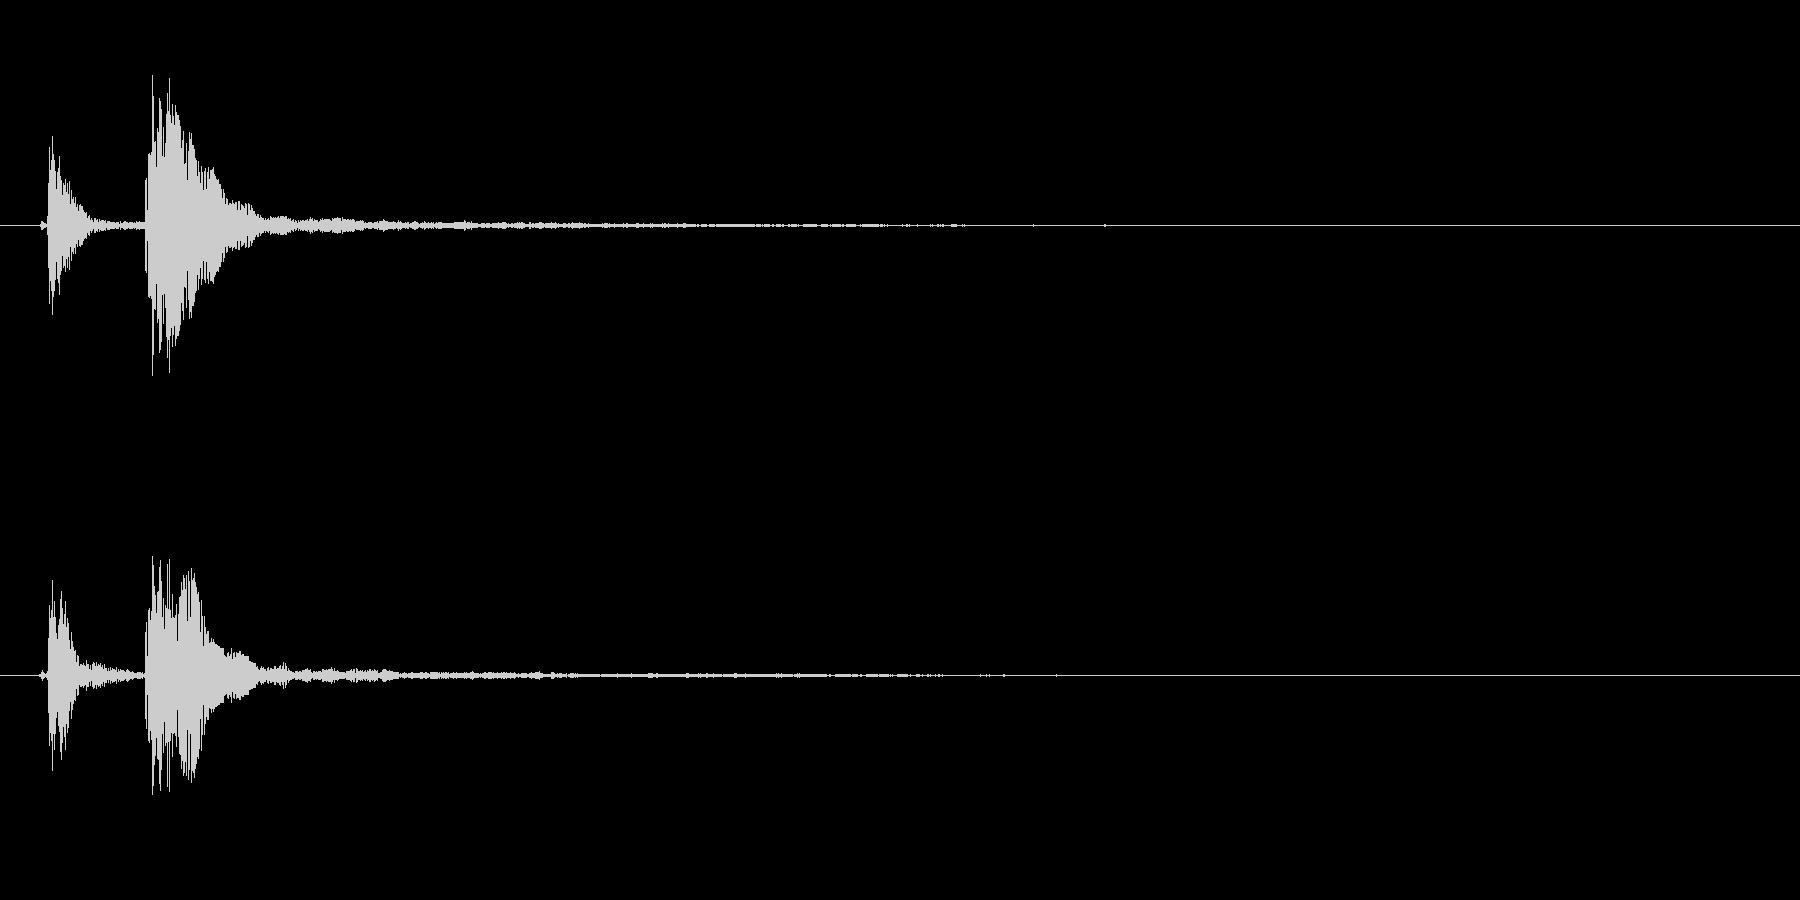 能や歌舞伎の小鼓(つづみ)の連続音+FXの未再生の波形